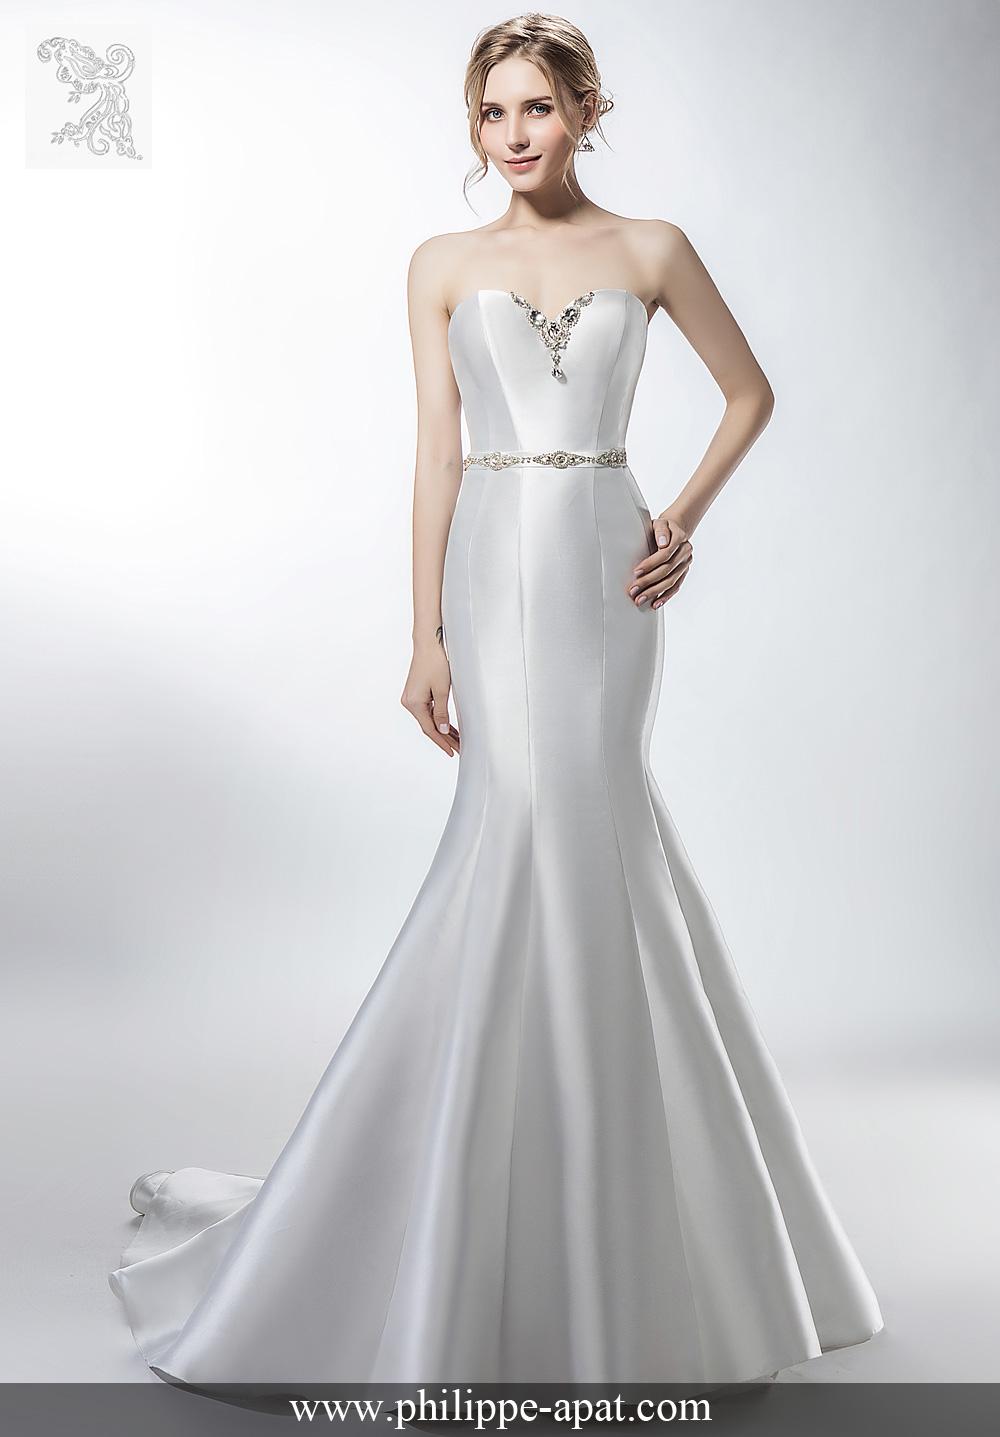 Robes de Mariée 2018 collection Philippe Apat modèles mariage soie ... 68e330b3a70